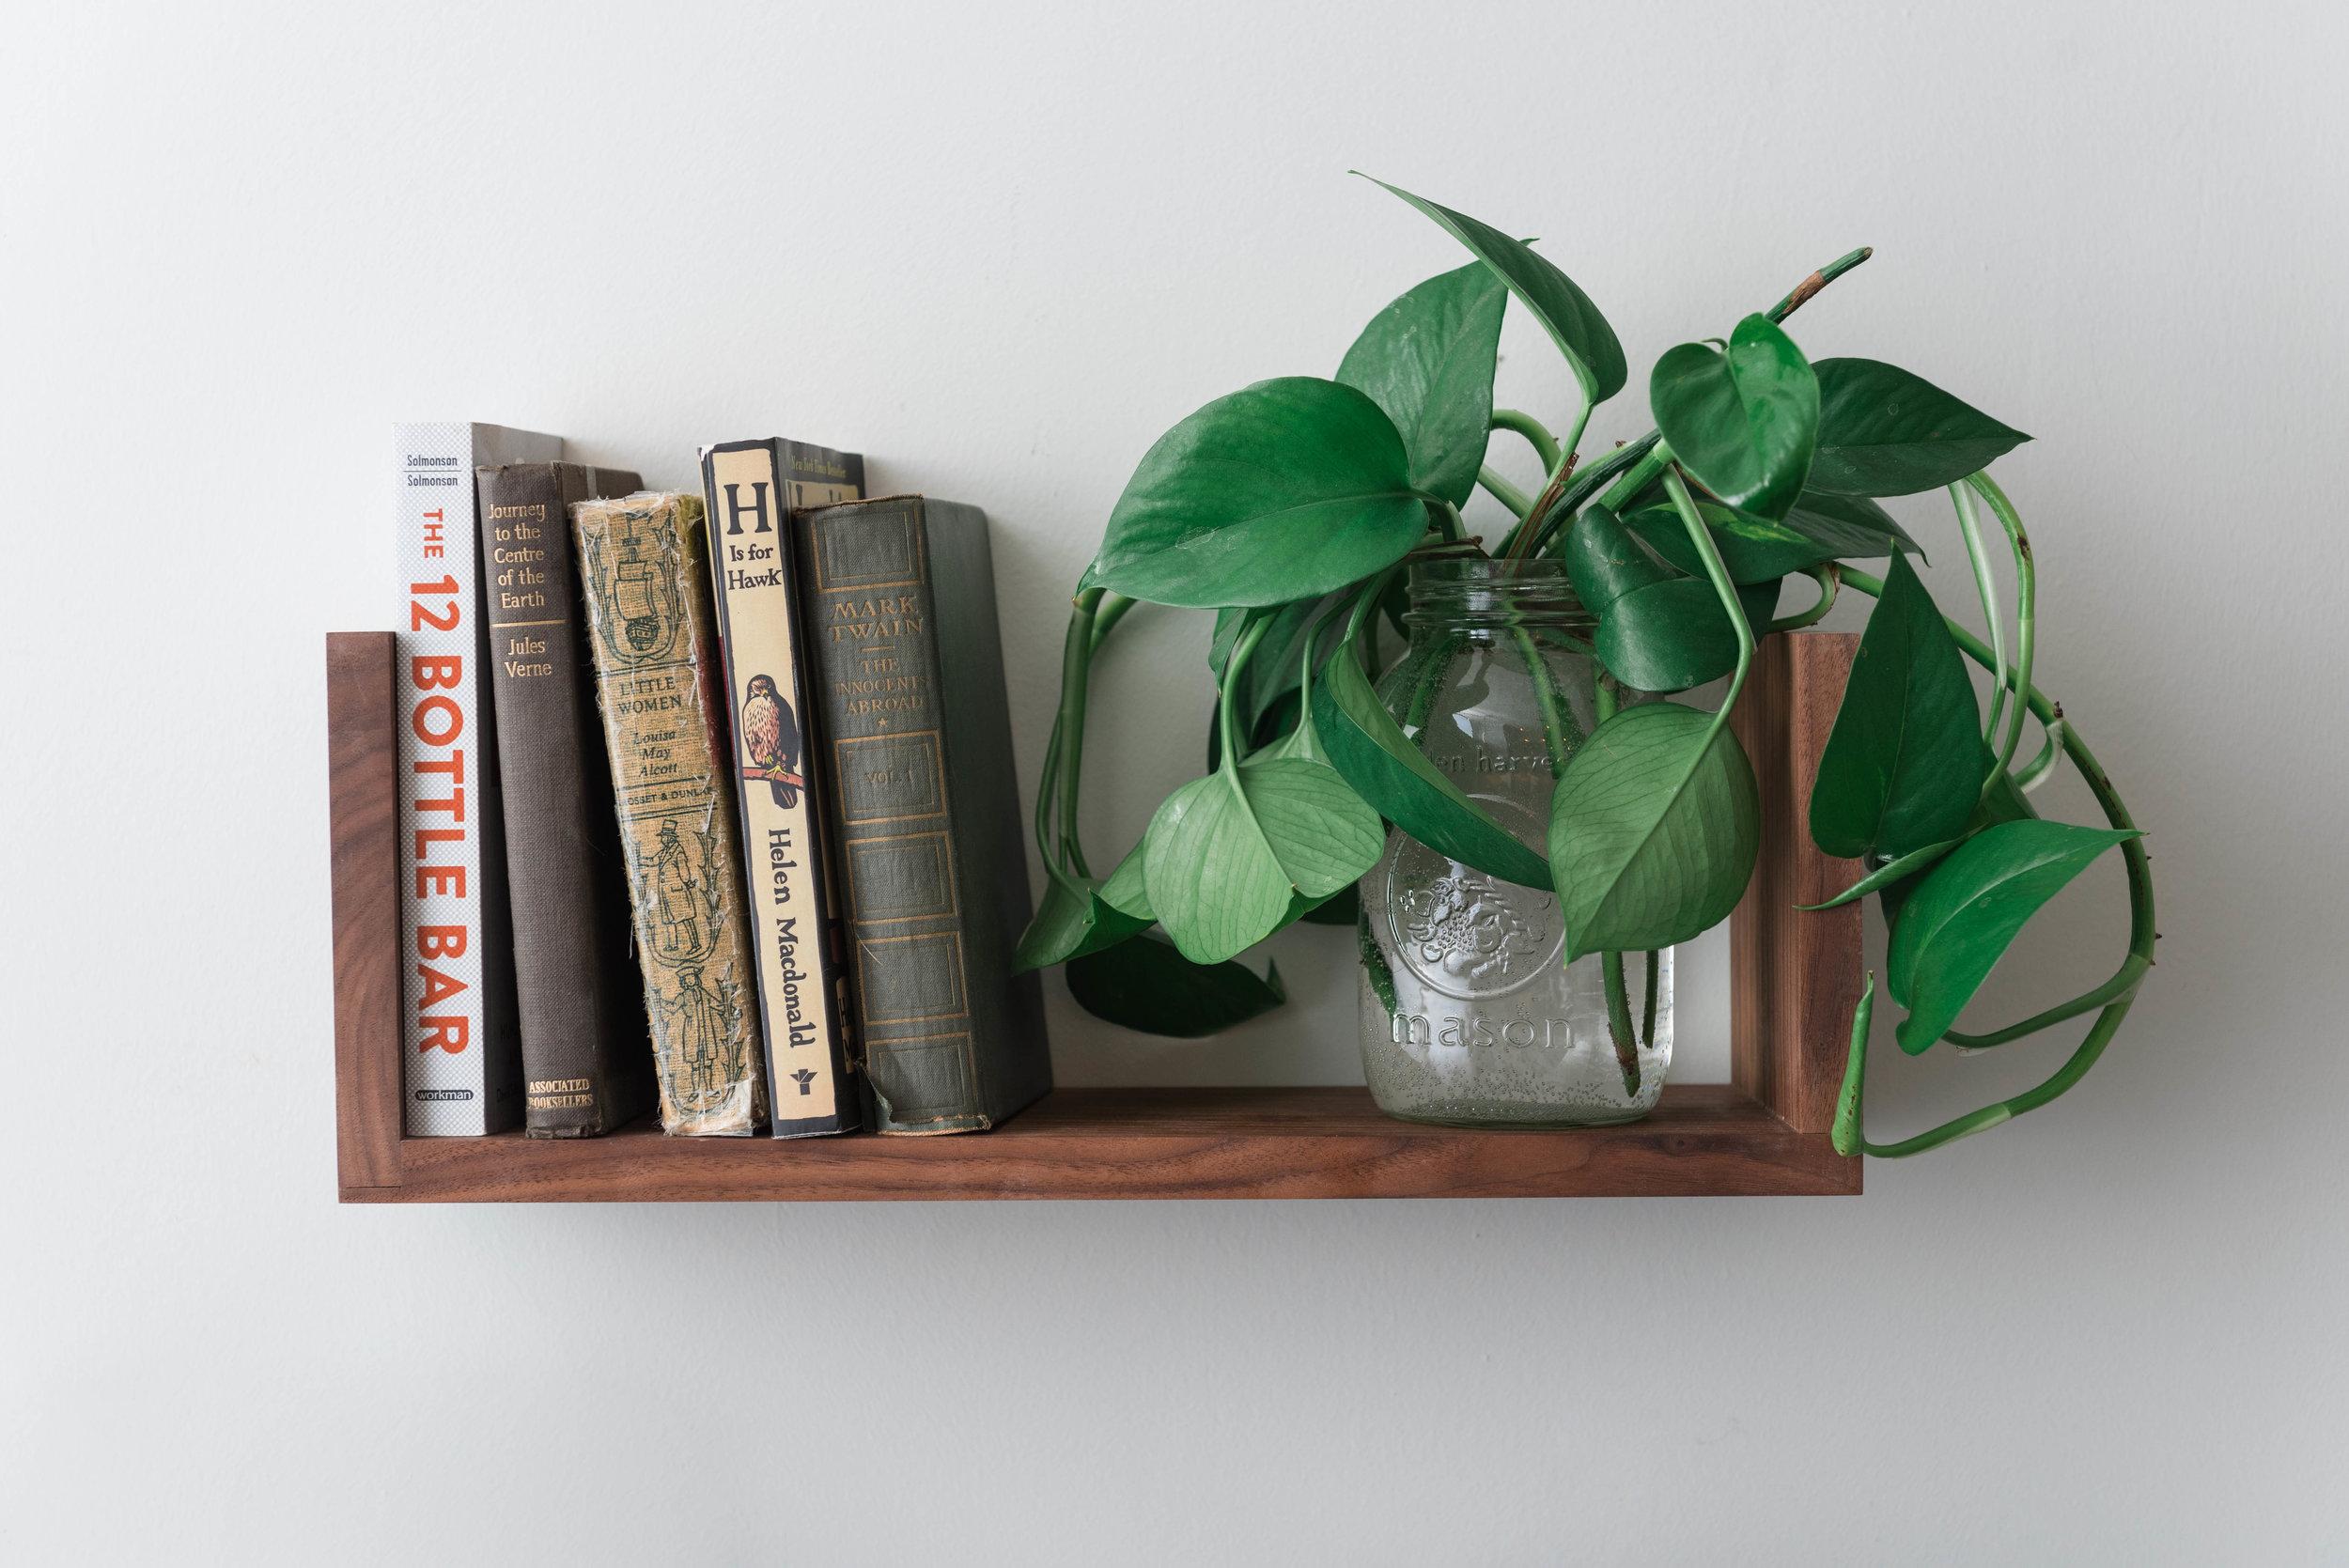 Walnut  Floating U Shelf  featuring a Pothos plant